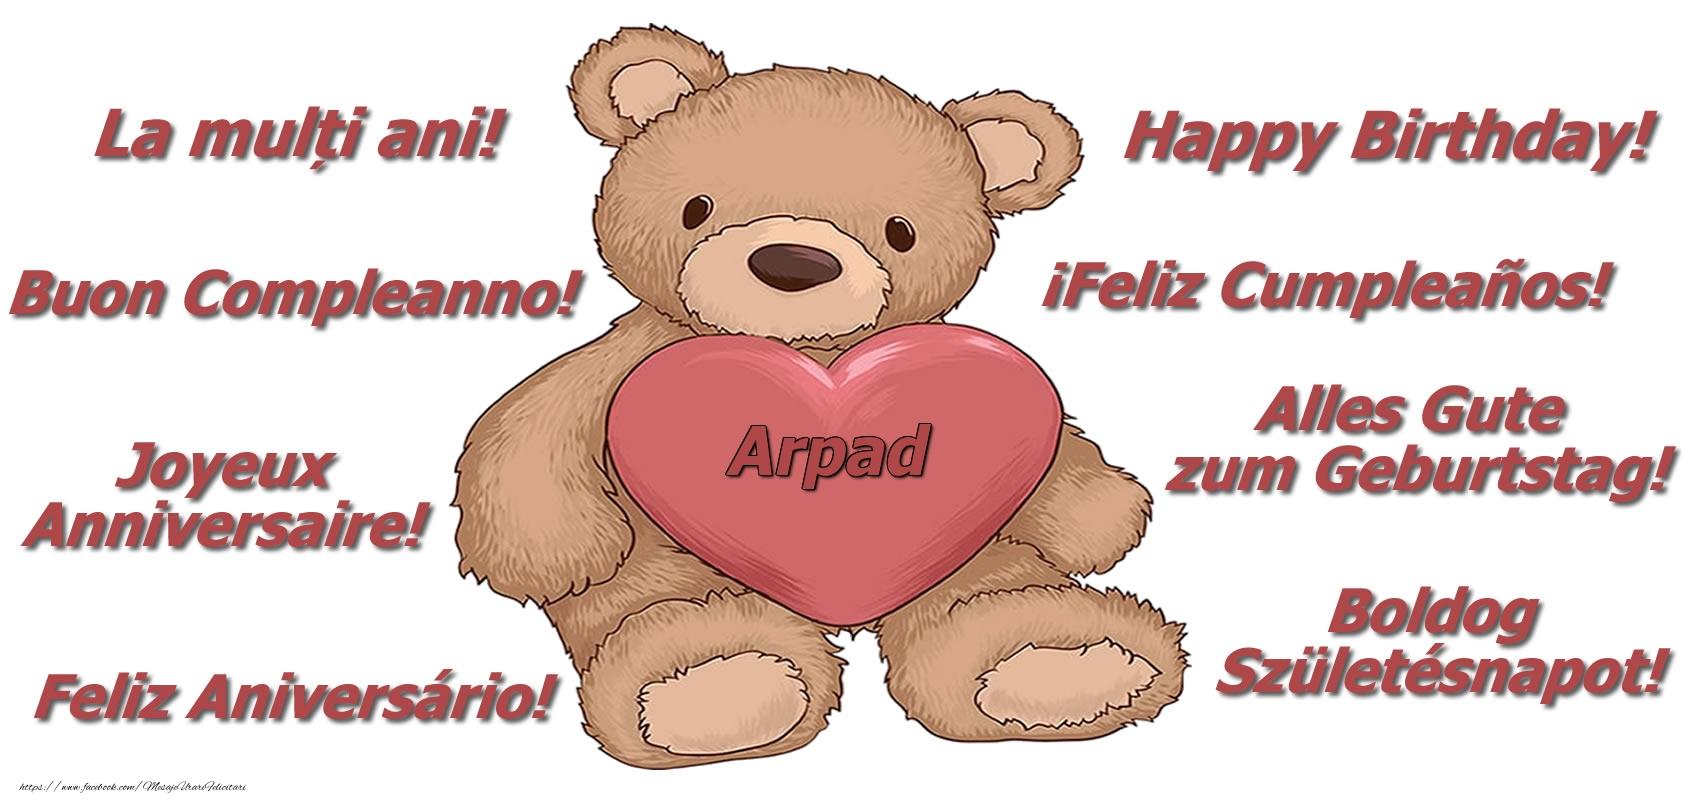 Felicitari de zi de nastere - La multi ani Arpad! - Ursulet